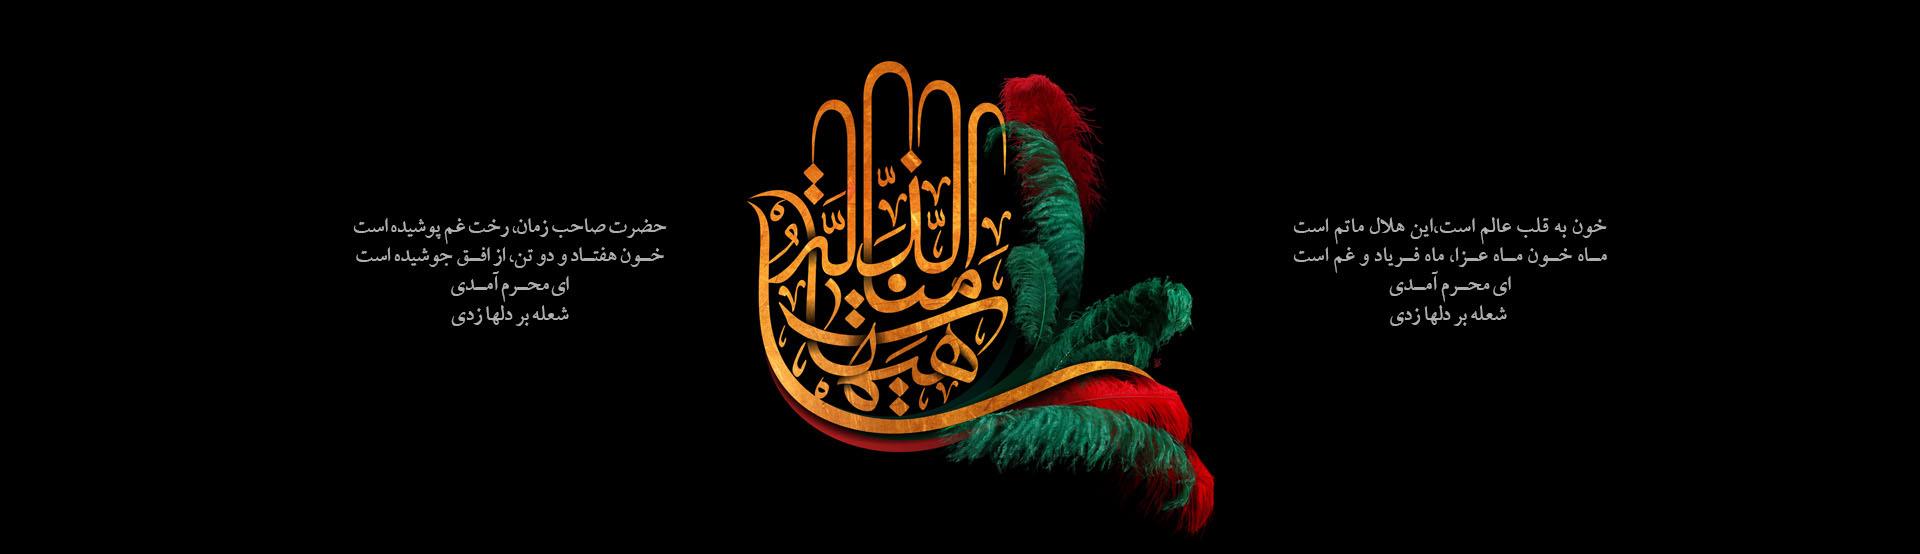 ایام سوگواری سرور و سالار شهیدان تسلیت و تعزیت باد.